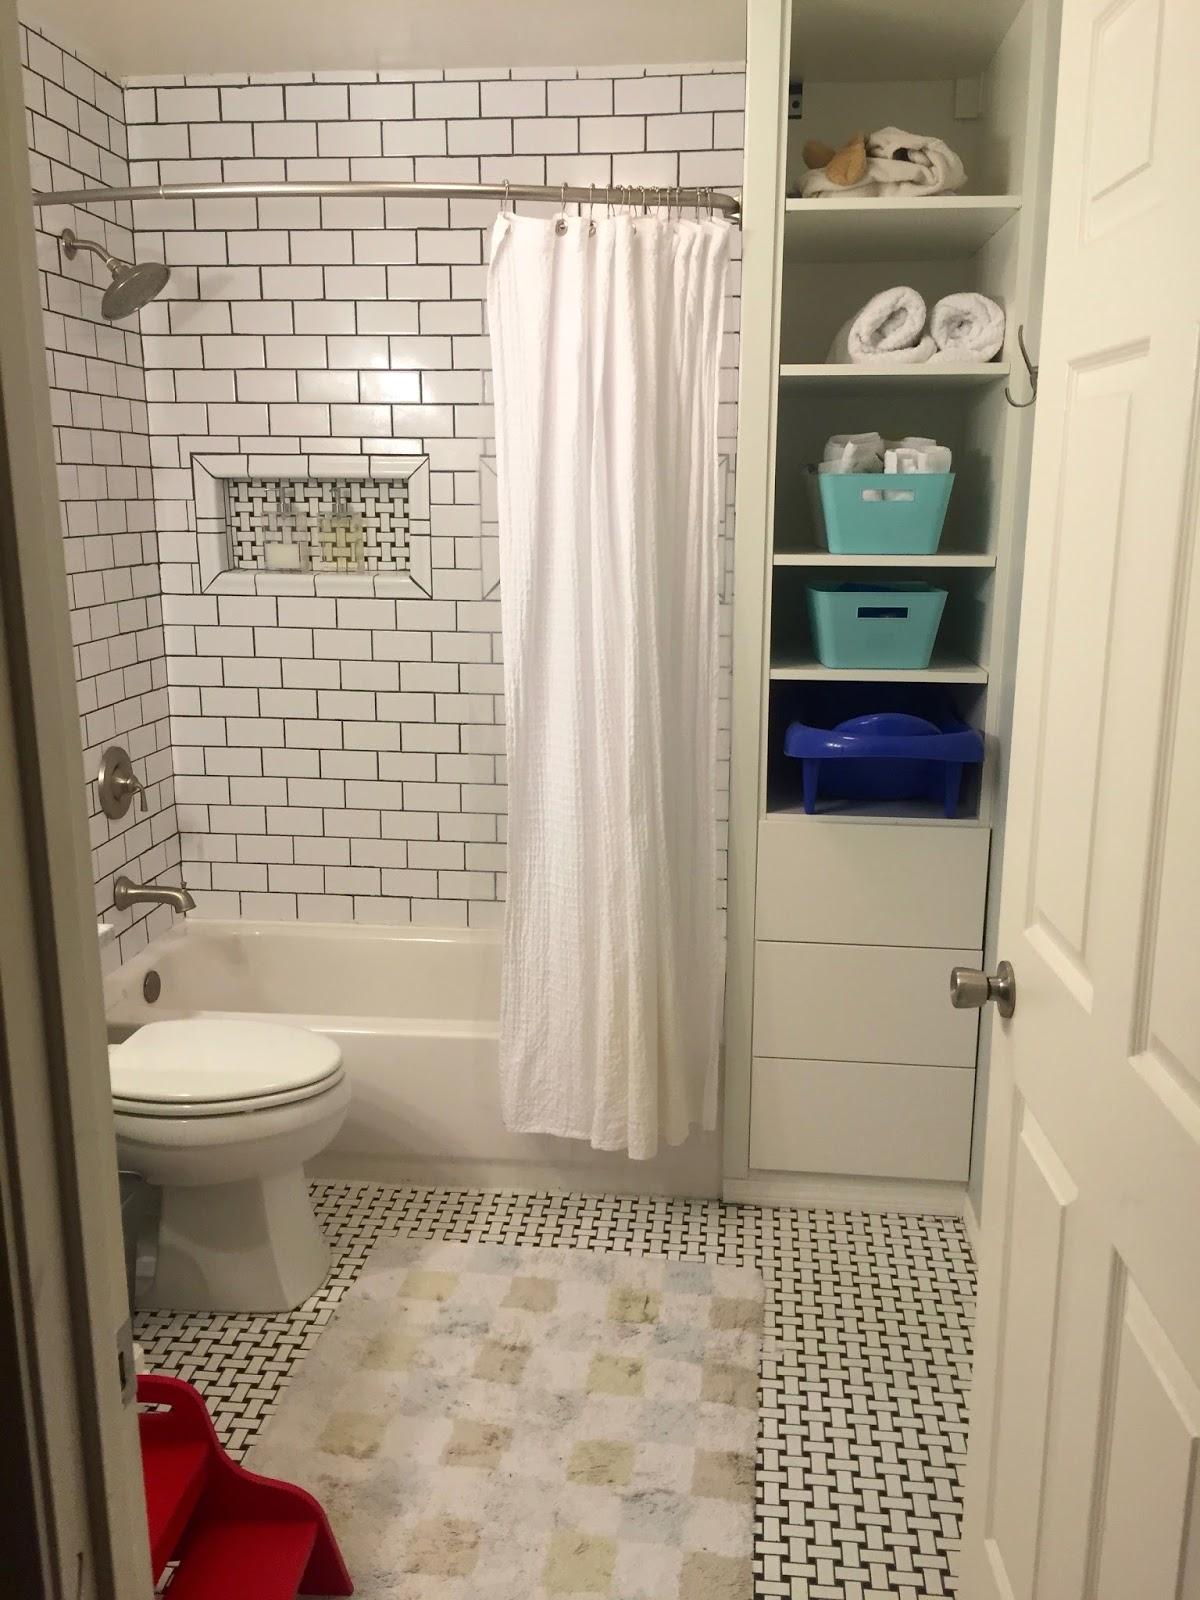 Adding a bathroom